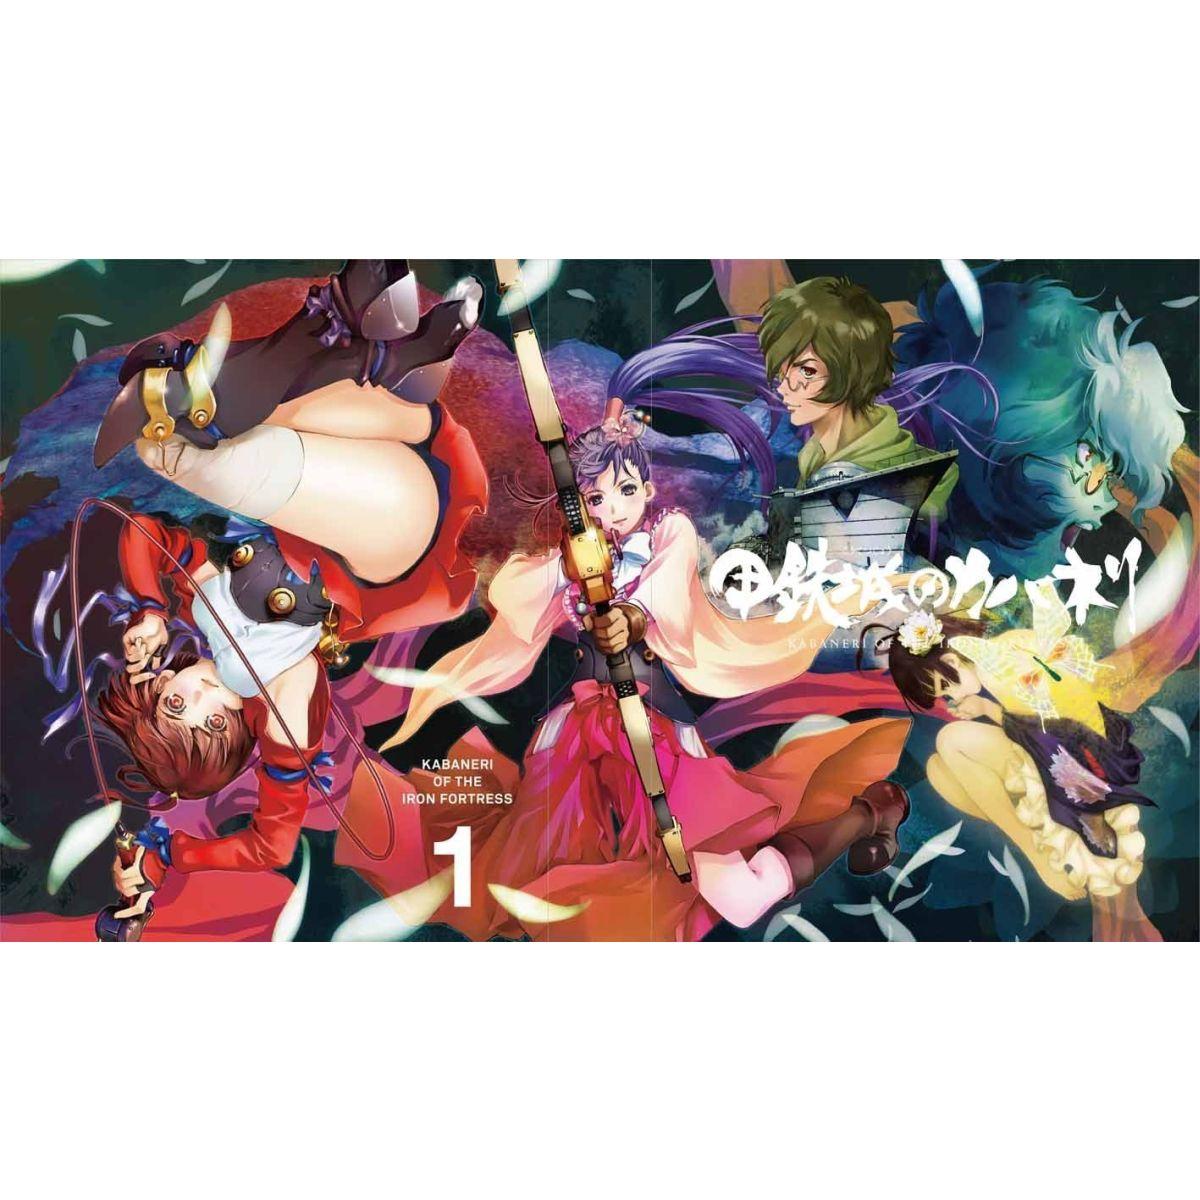 甲鉄城のカバネリ 1(完全生産限定版)[ANZB-12151/2][DVD] 製品画像